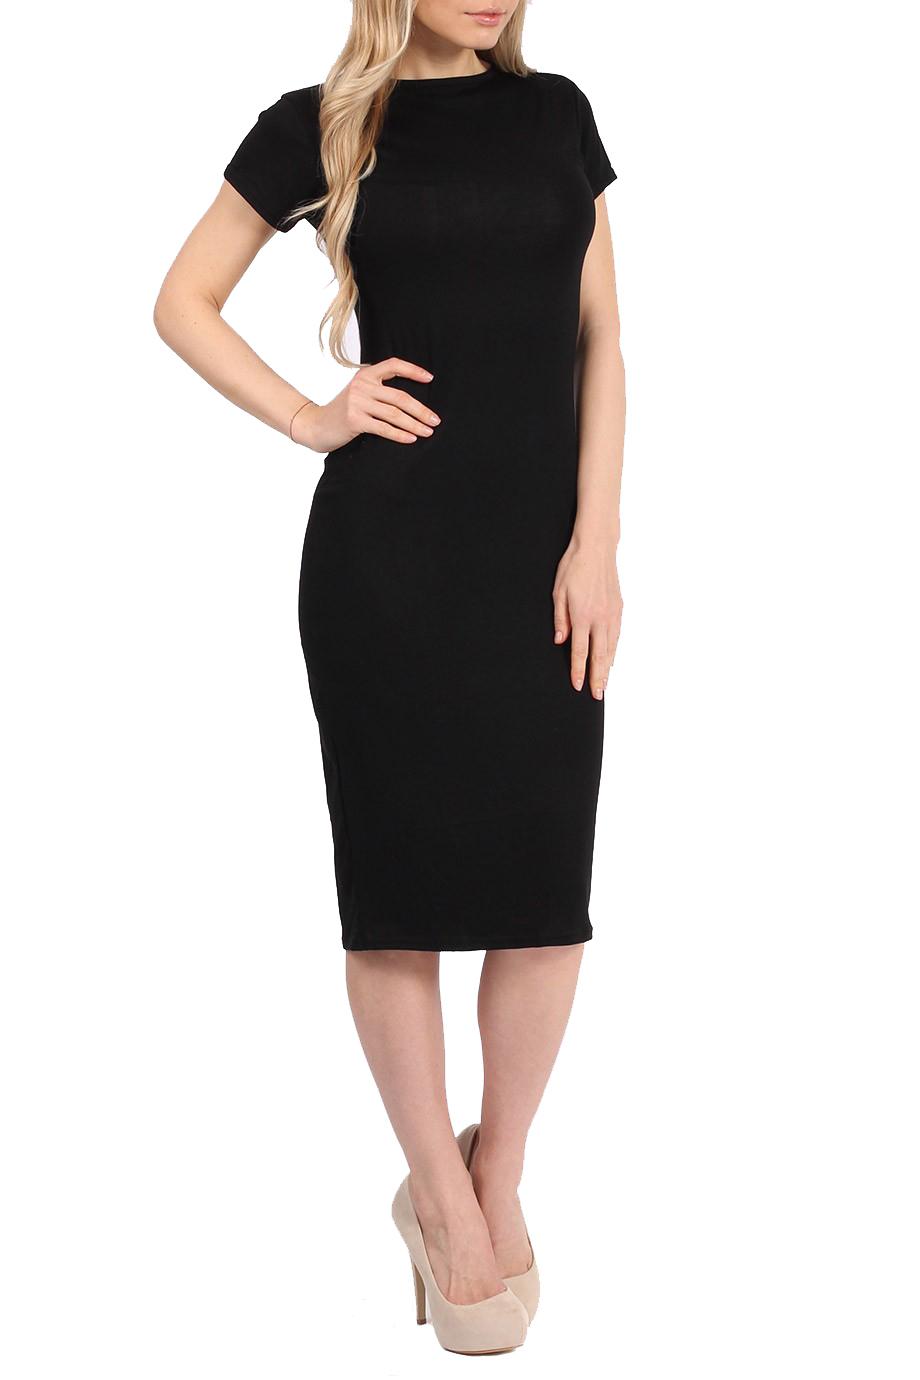 basic allday viscose φόρεμα σε μαύρο 2a65165fe2c